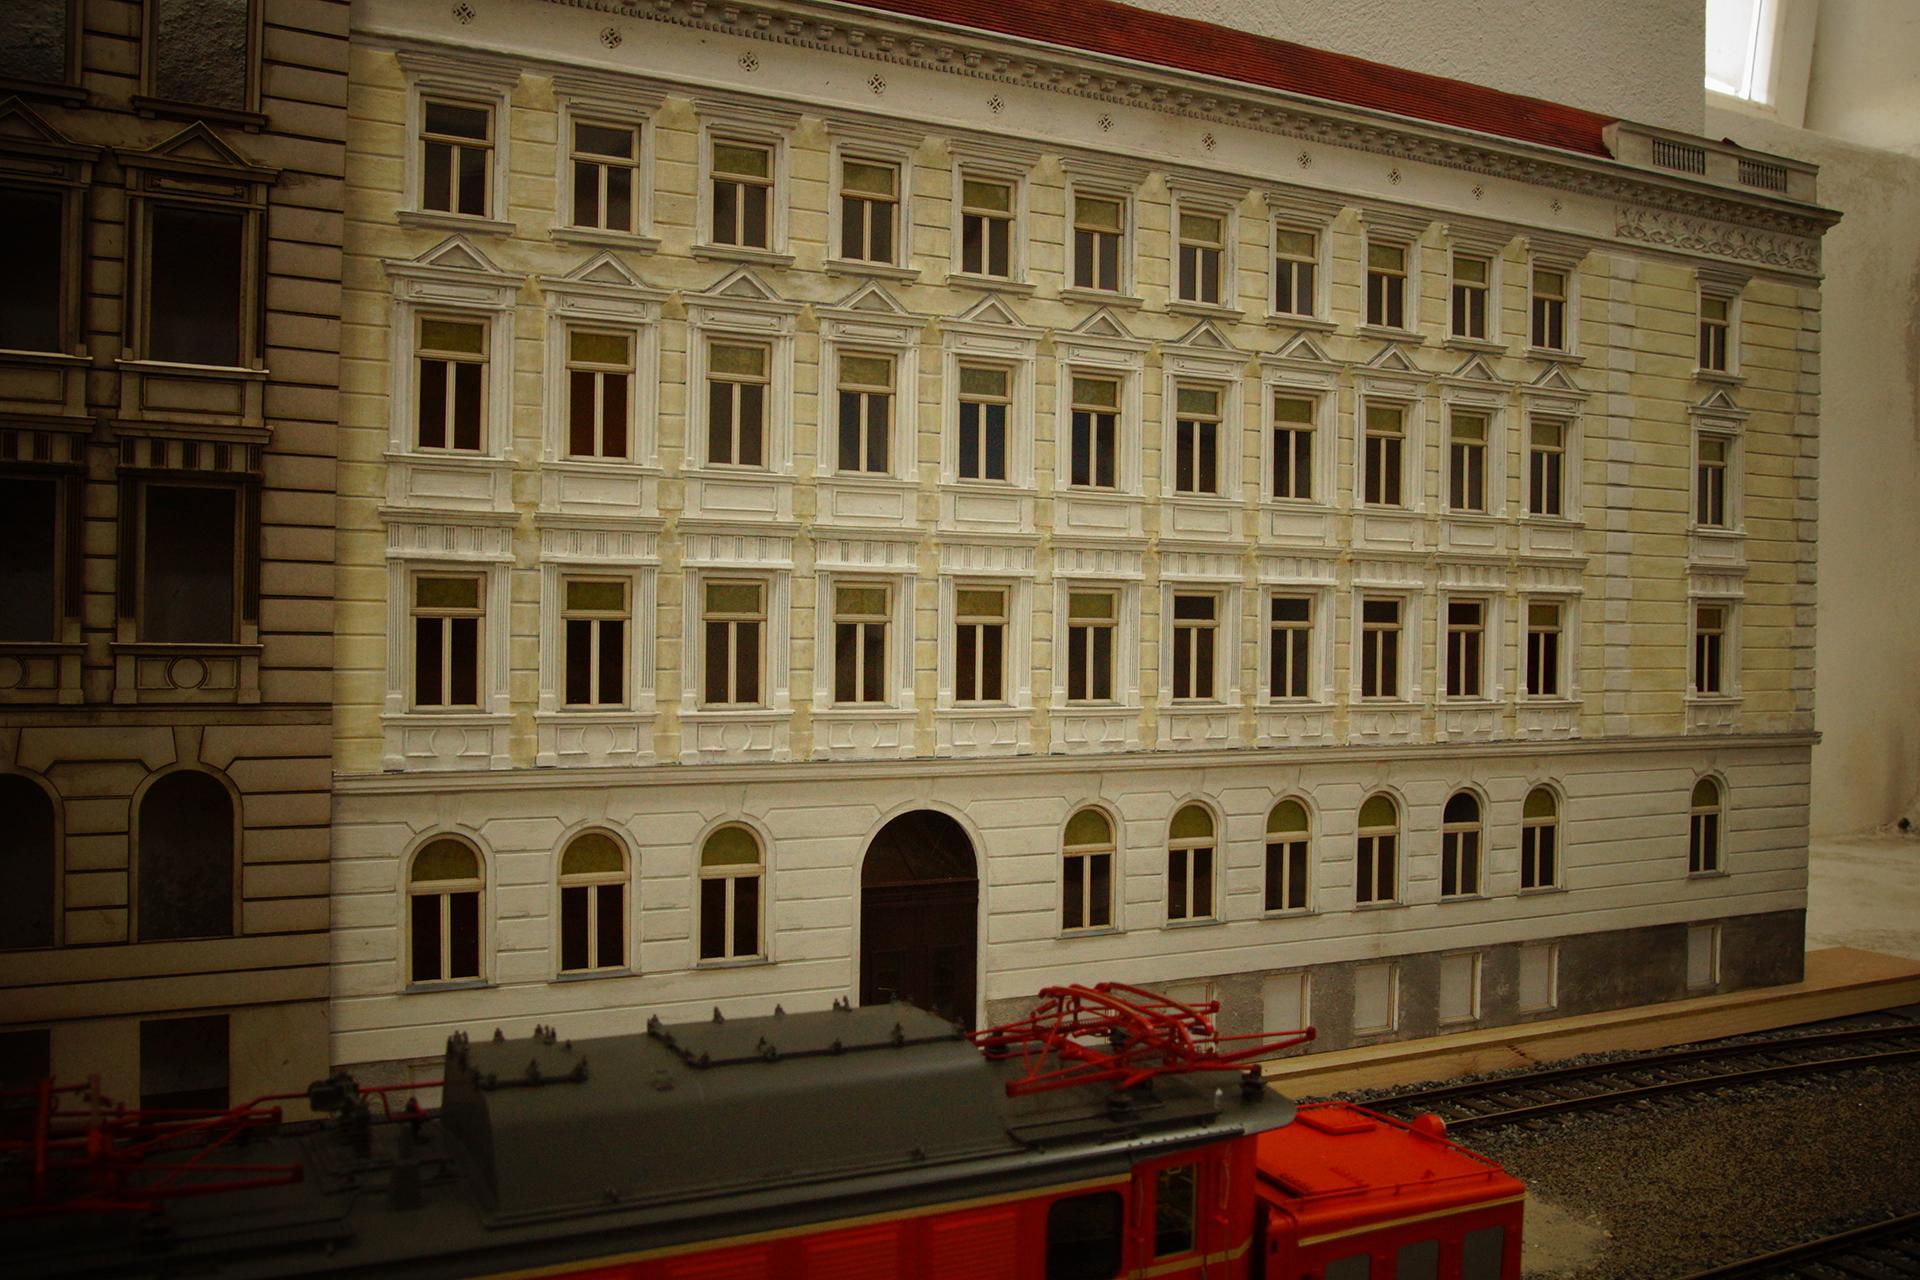 Grunderzeithaus In Wien 17 Bezirk Modellbauprofi Harry